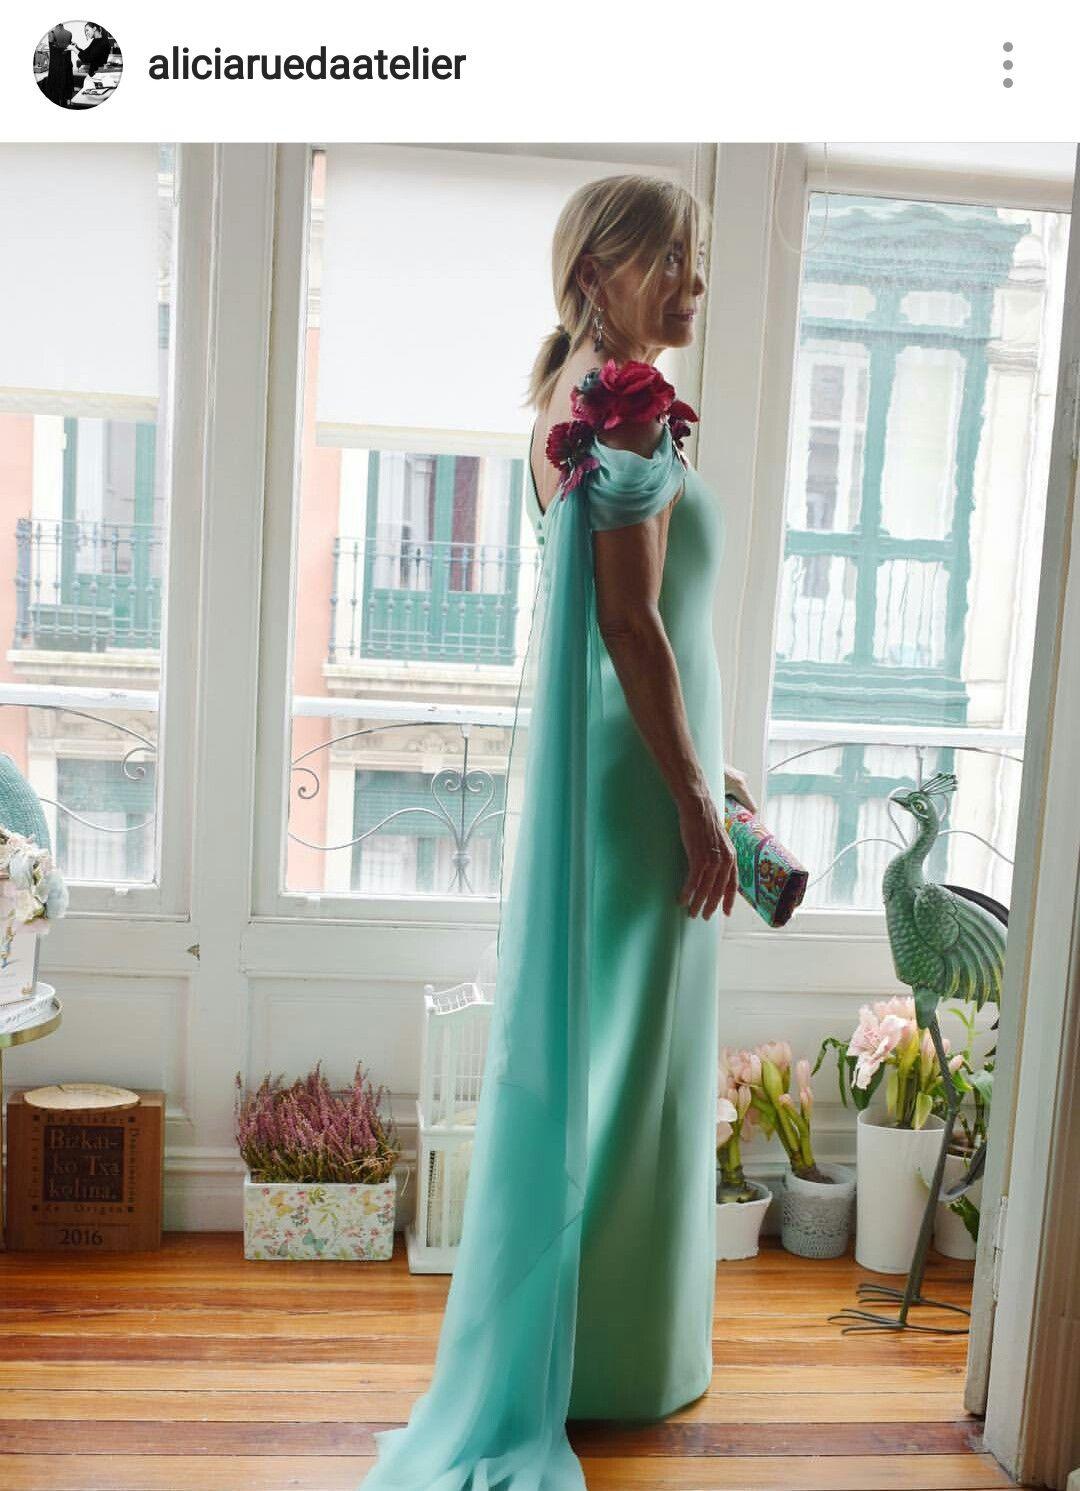 Alicia Rueda Atelier | Fashion | Pinterest | Alicia rueda, Ruedas y ...